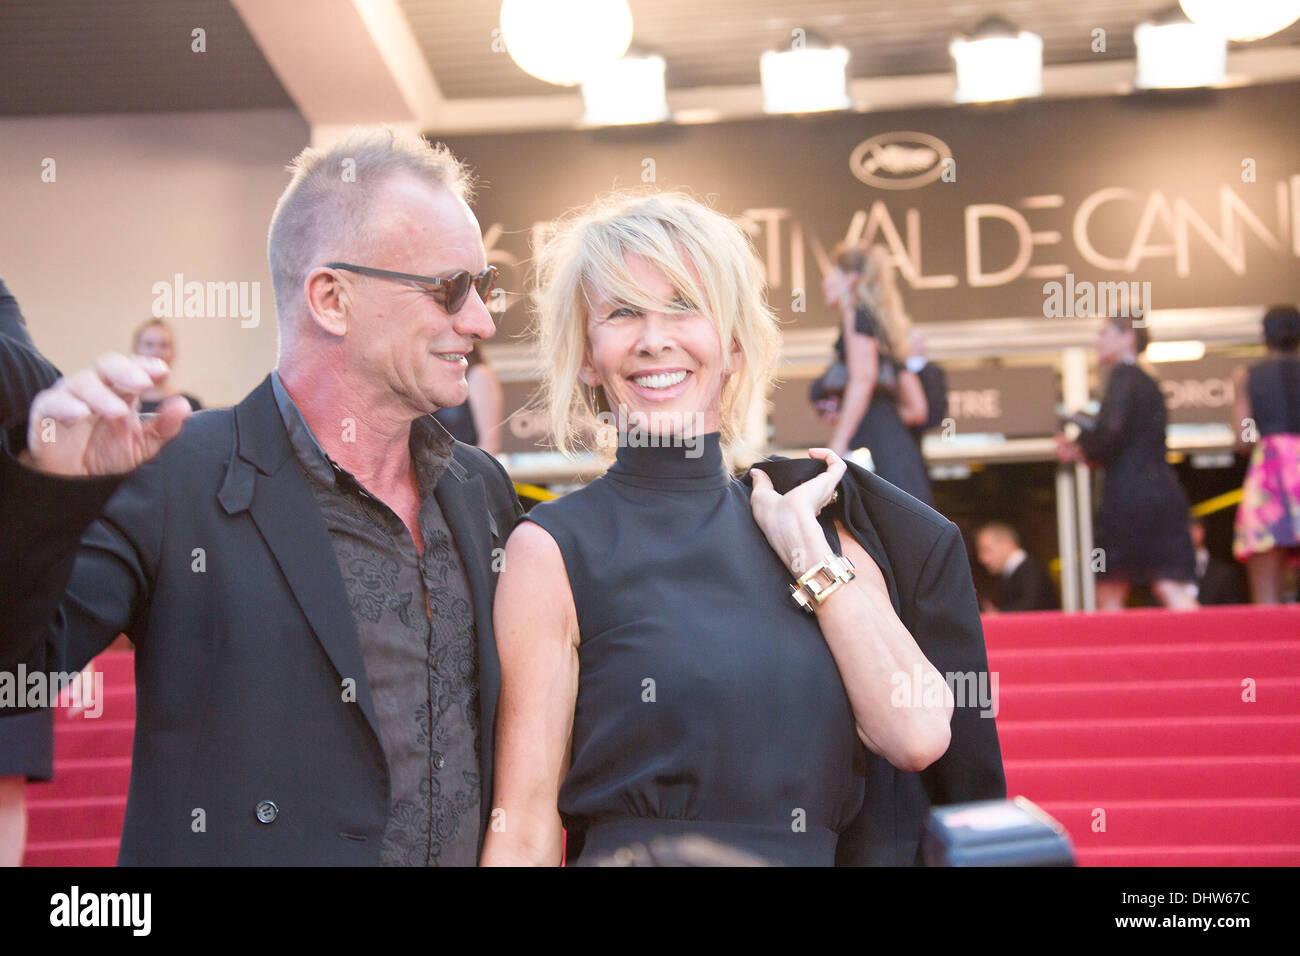 Sting et sa femme Trudie Styler, 'Mud' premiere pendant le 65e Festival de Cannes. Cannes, France - 26.05.12 Photo Stock